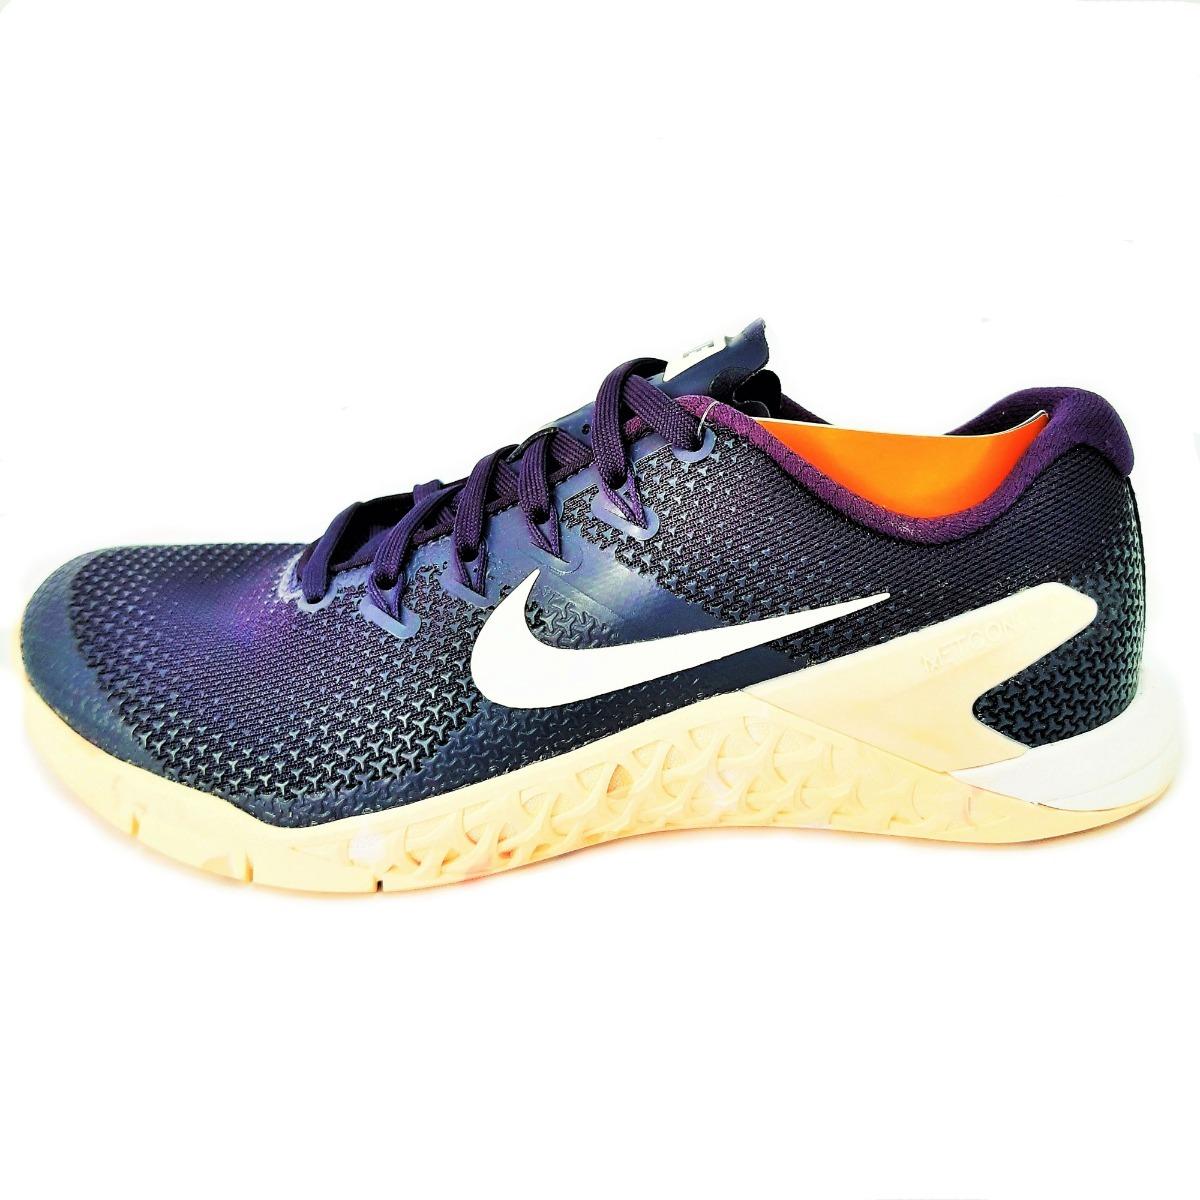 Tenis Academia Nike Feminino Metcon 4 Brinde E Frete Grátis